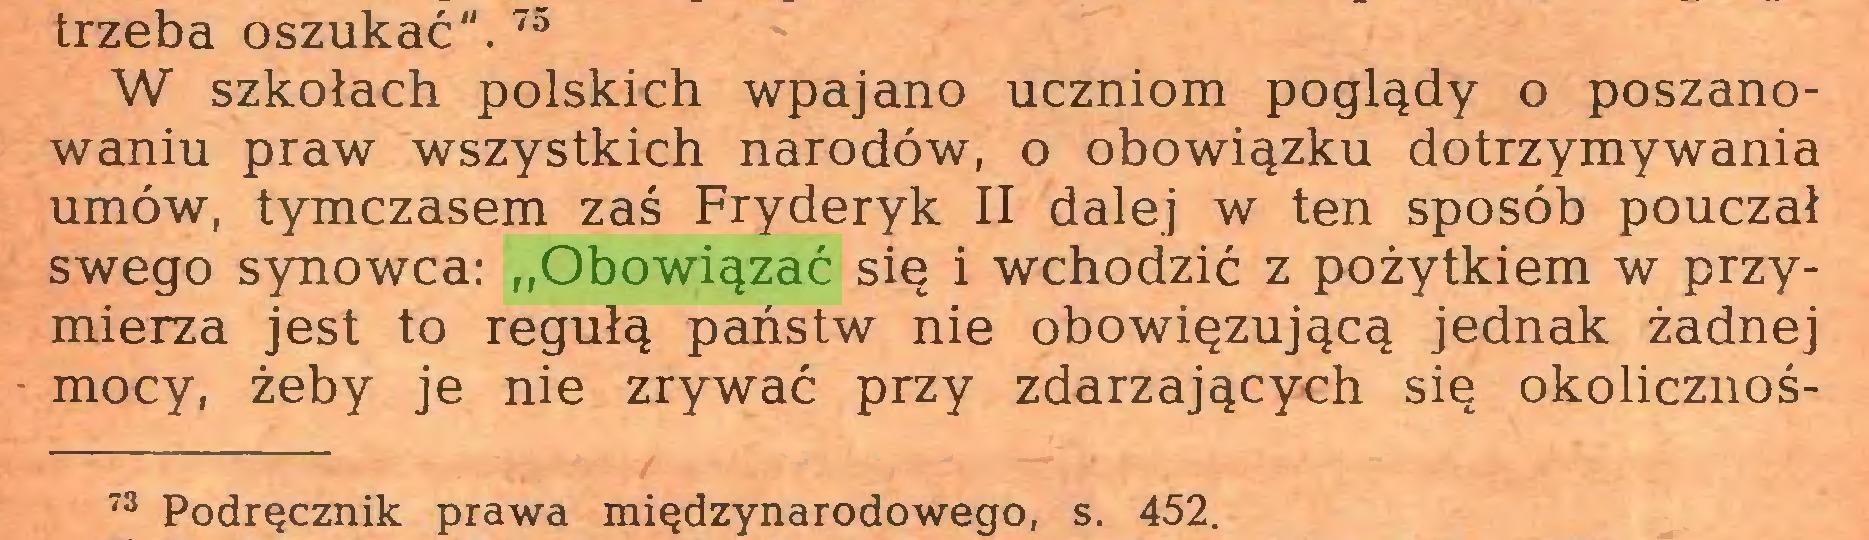 """(...) trzeba oszukać"""".73 W szkołach polskich wpajano uczniom poglądy o poszanowaniu praw wszystkich narodów, o obowiązku dotrzymywania umów, tymczasem zaś Fryderyk II dalej w ten sposób pouczał swego synowca: """"Obowiązać się i wchodzić z pożytkiem w przymierza jest to regułą państw nie obowiązującą jednak żadnej mocy, żeby je nie zrywać przy zdarzających się okolicznoś73 Podręcznik prawa międzynarodowego, s. 452..."""